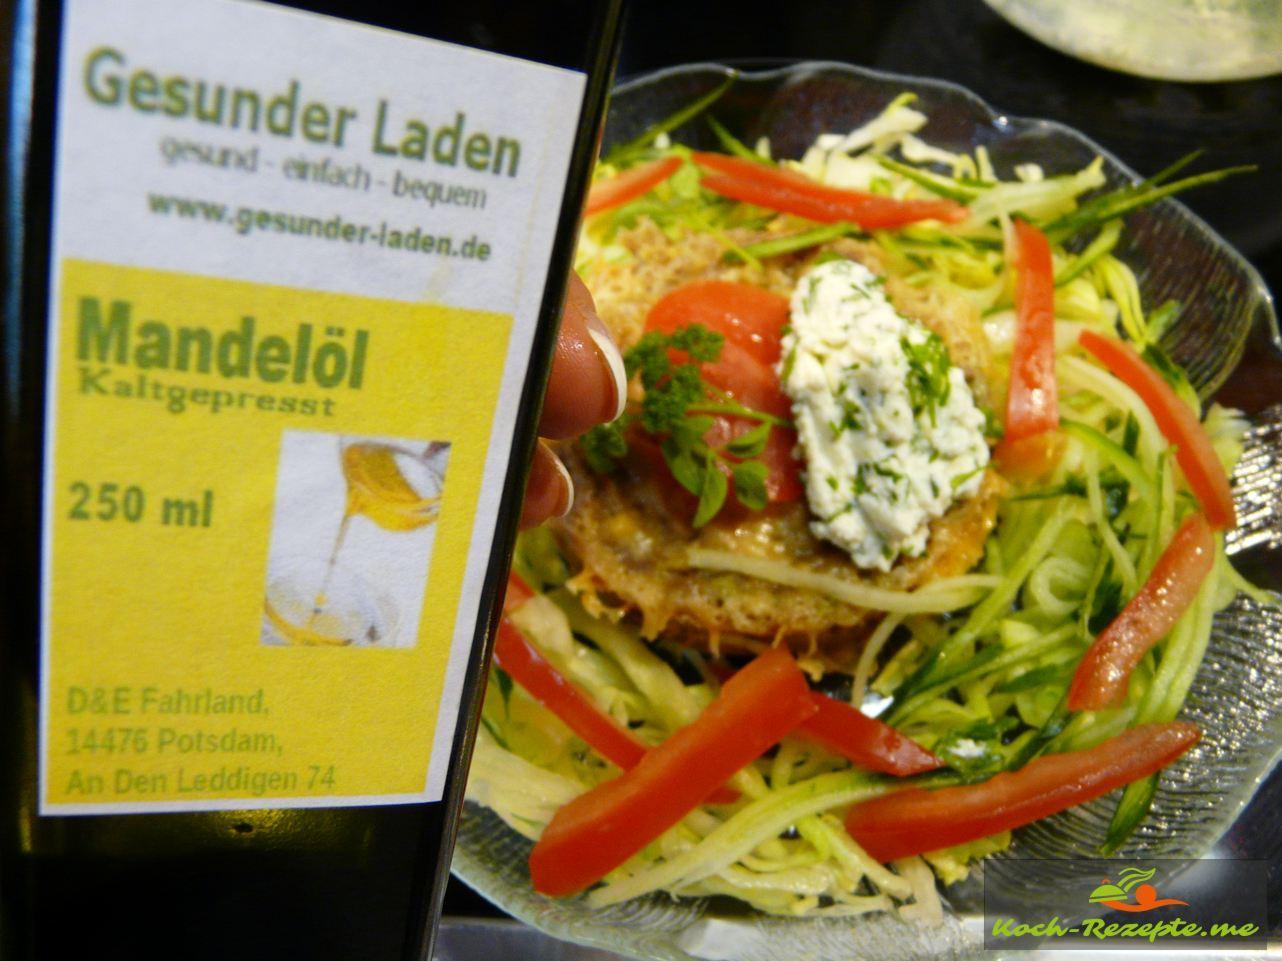 Zum Low Carb Thunfisch-Soufflé, Salat mit frischer Zitrone und feinem Mandelöl vom Gesunder Laden